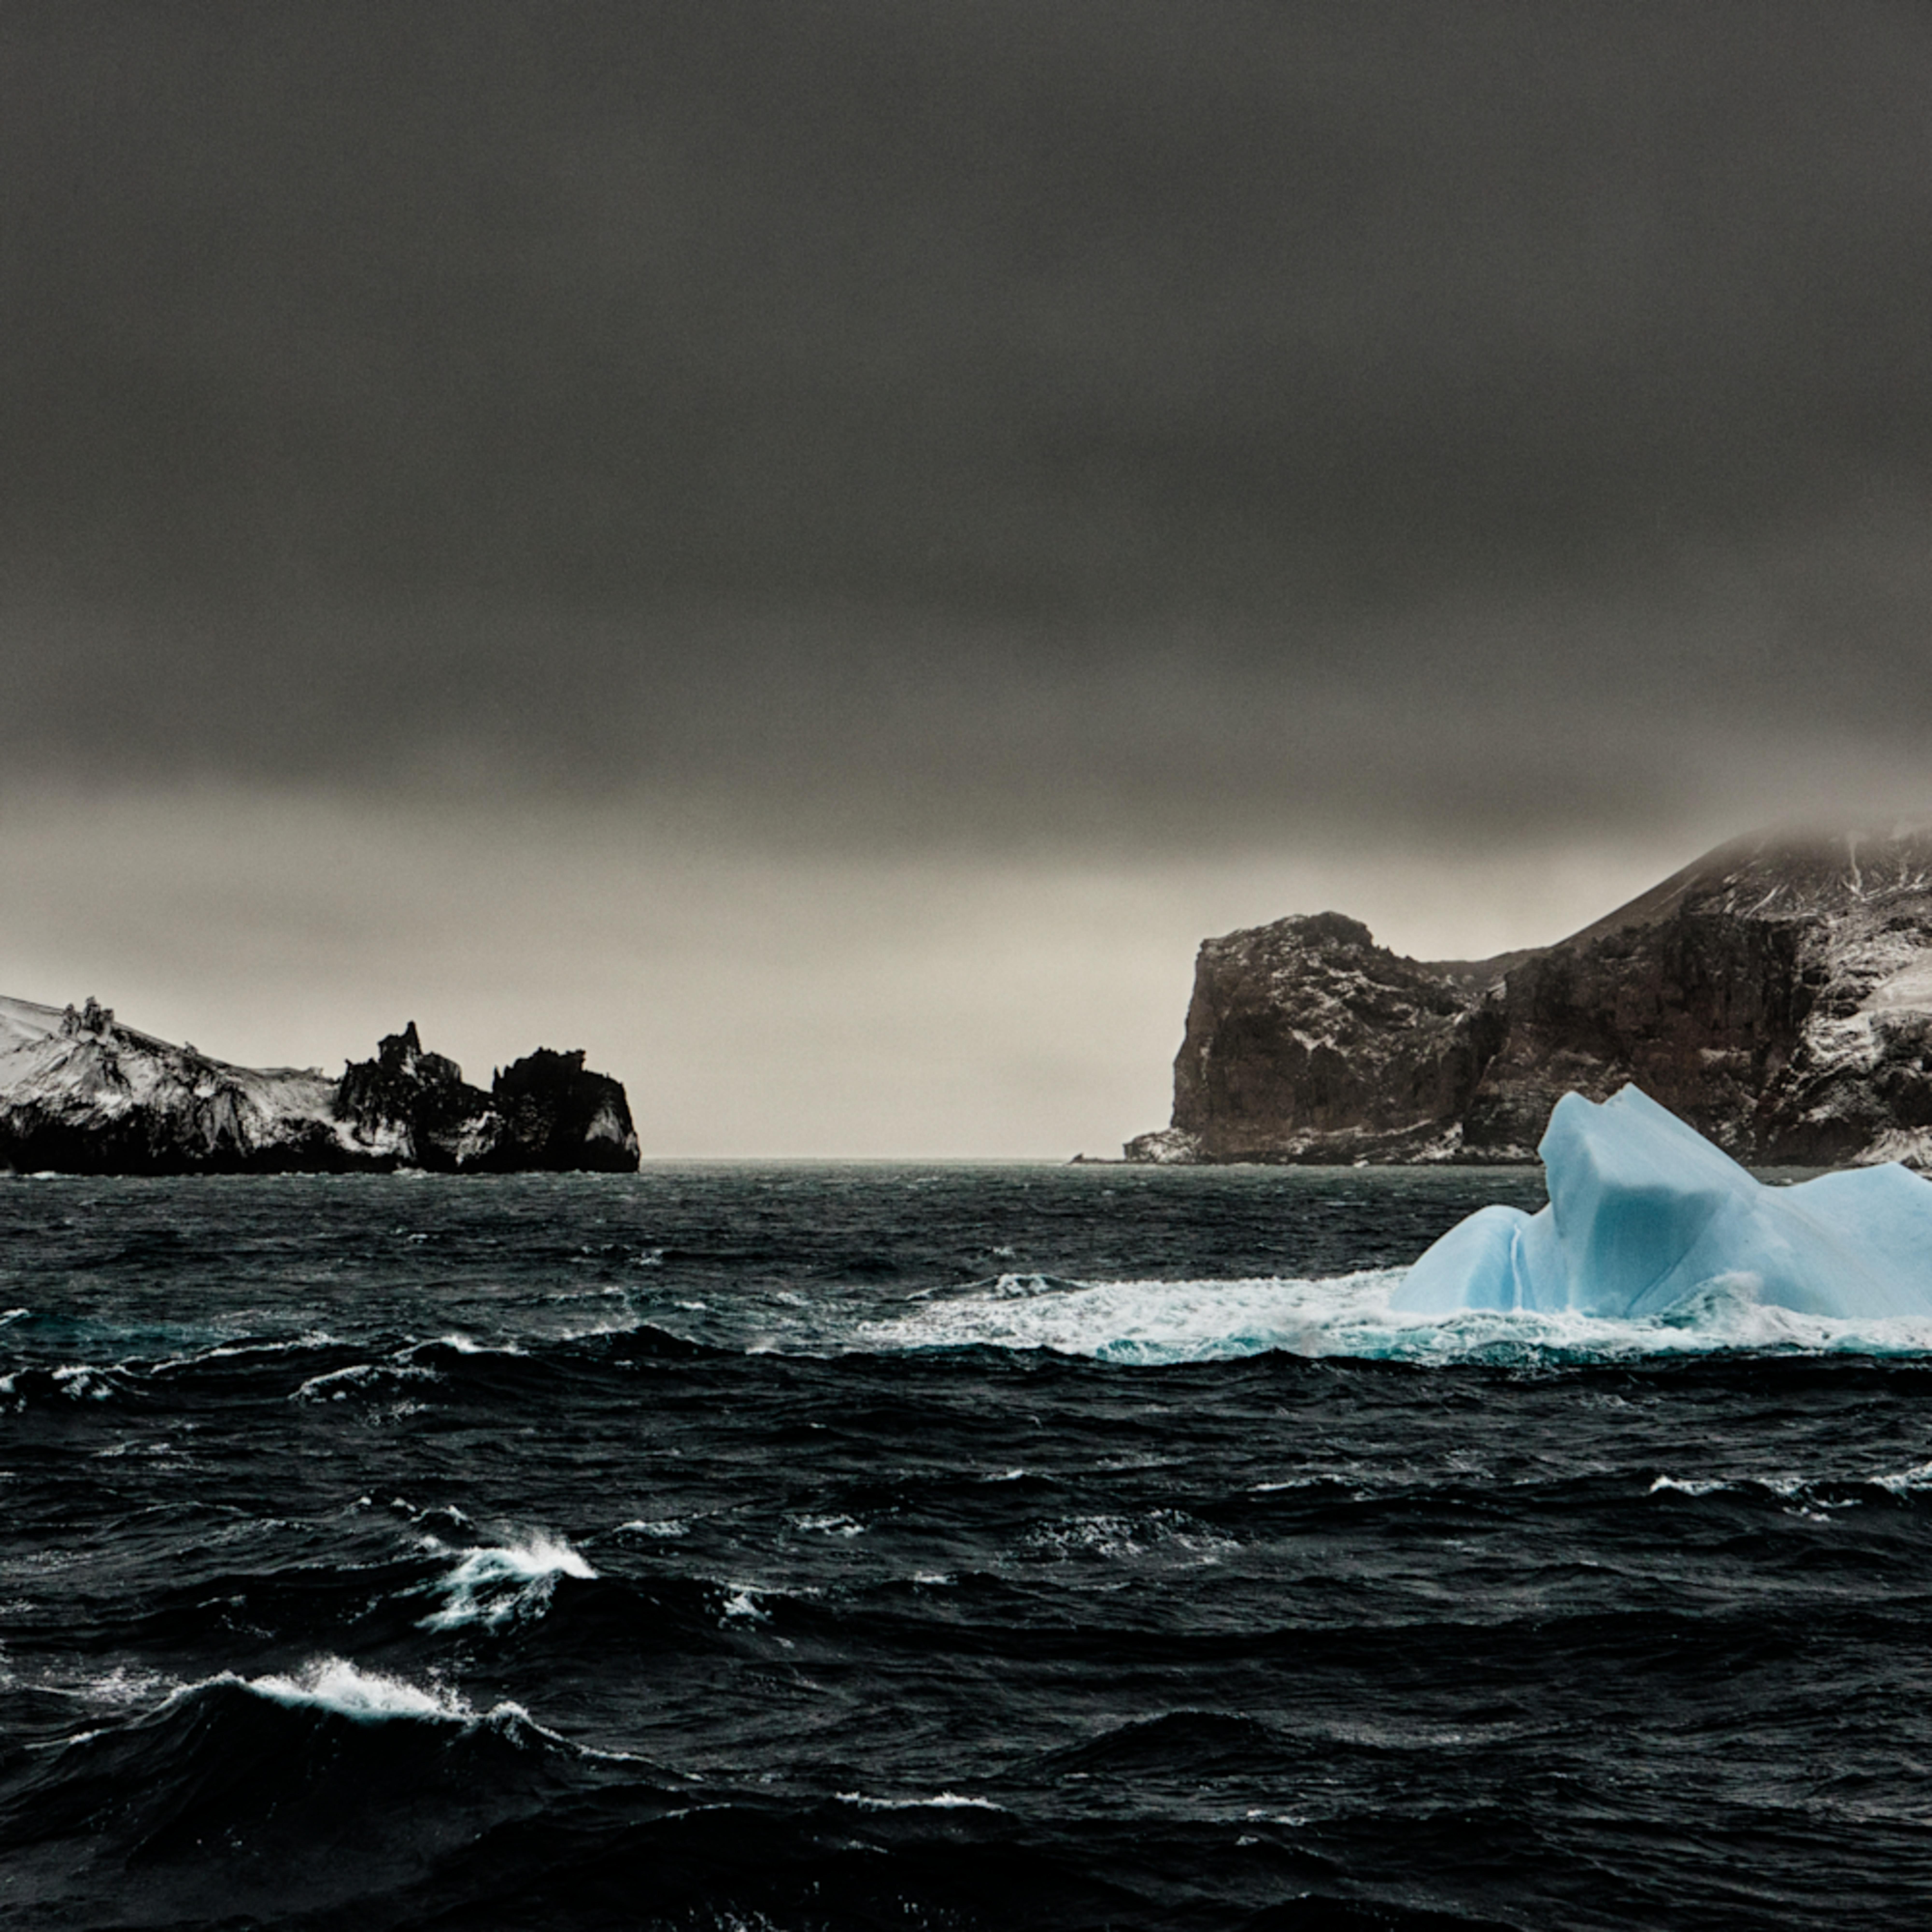 Mbp antarctica 20110327 0032 deuazw